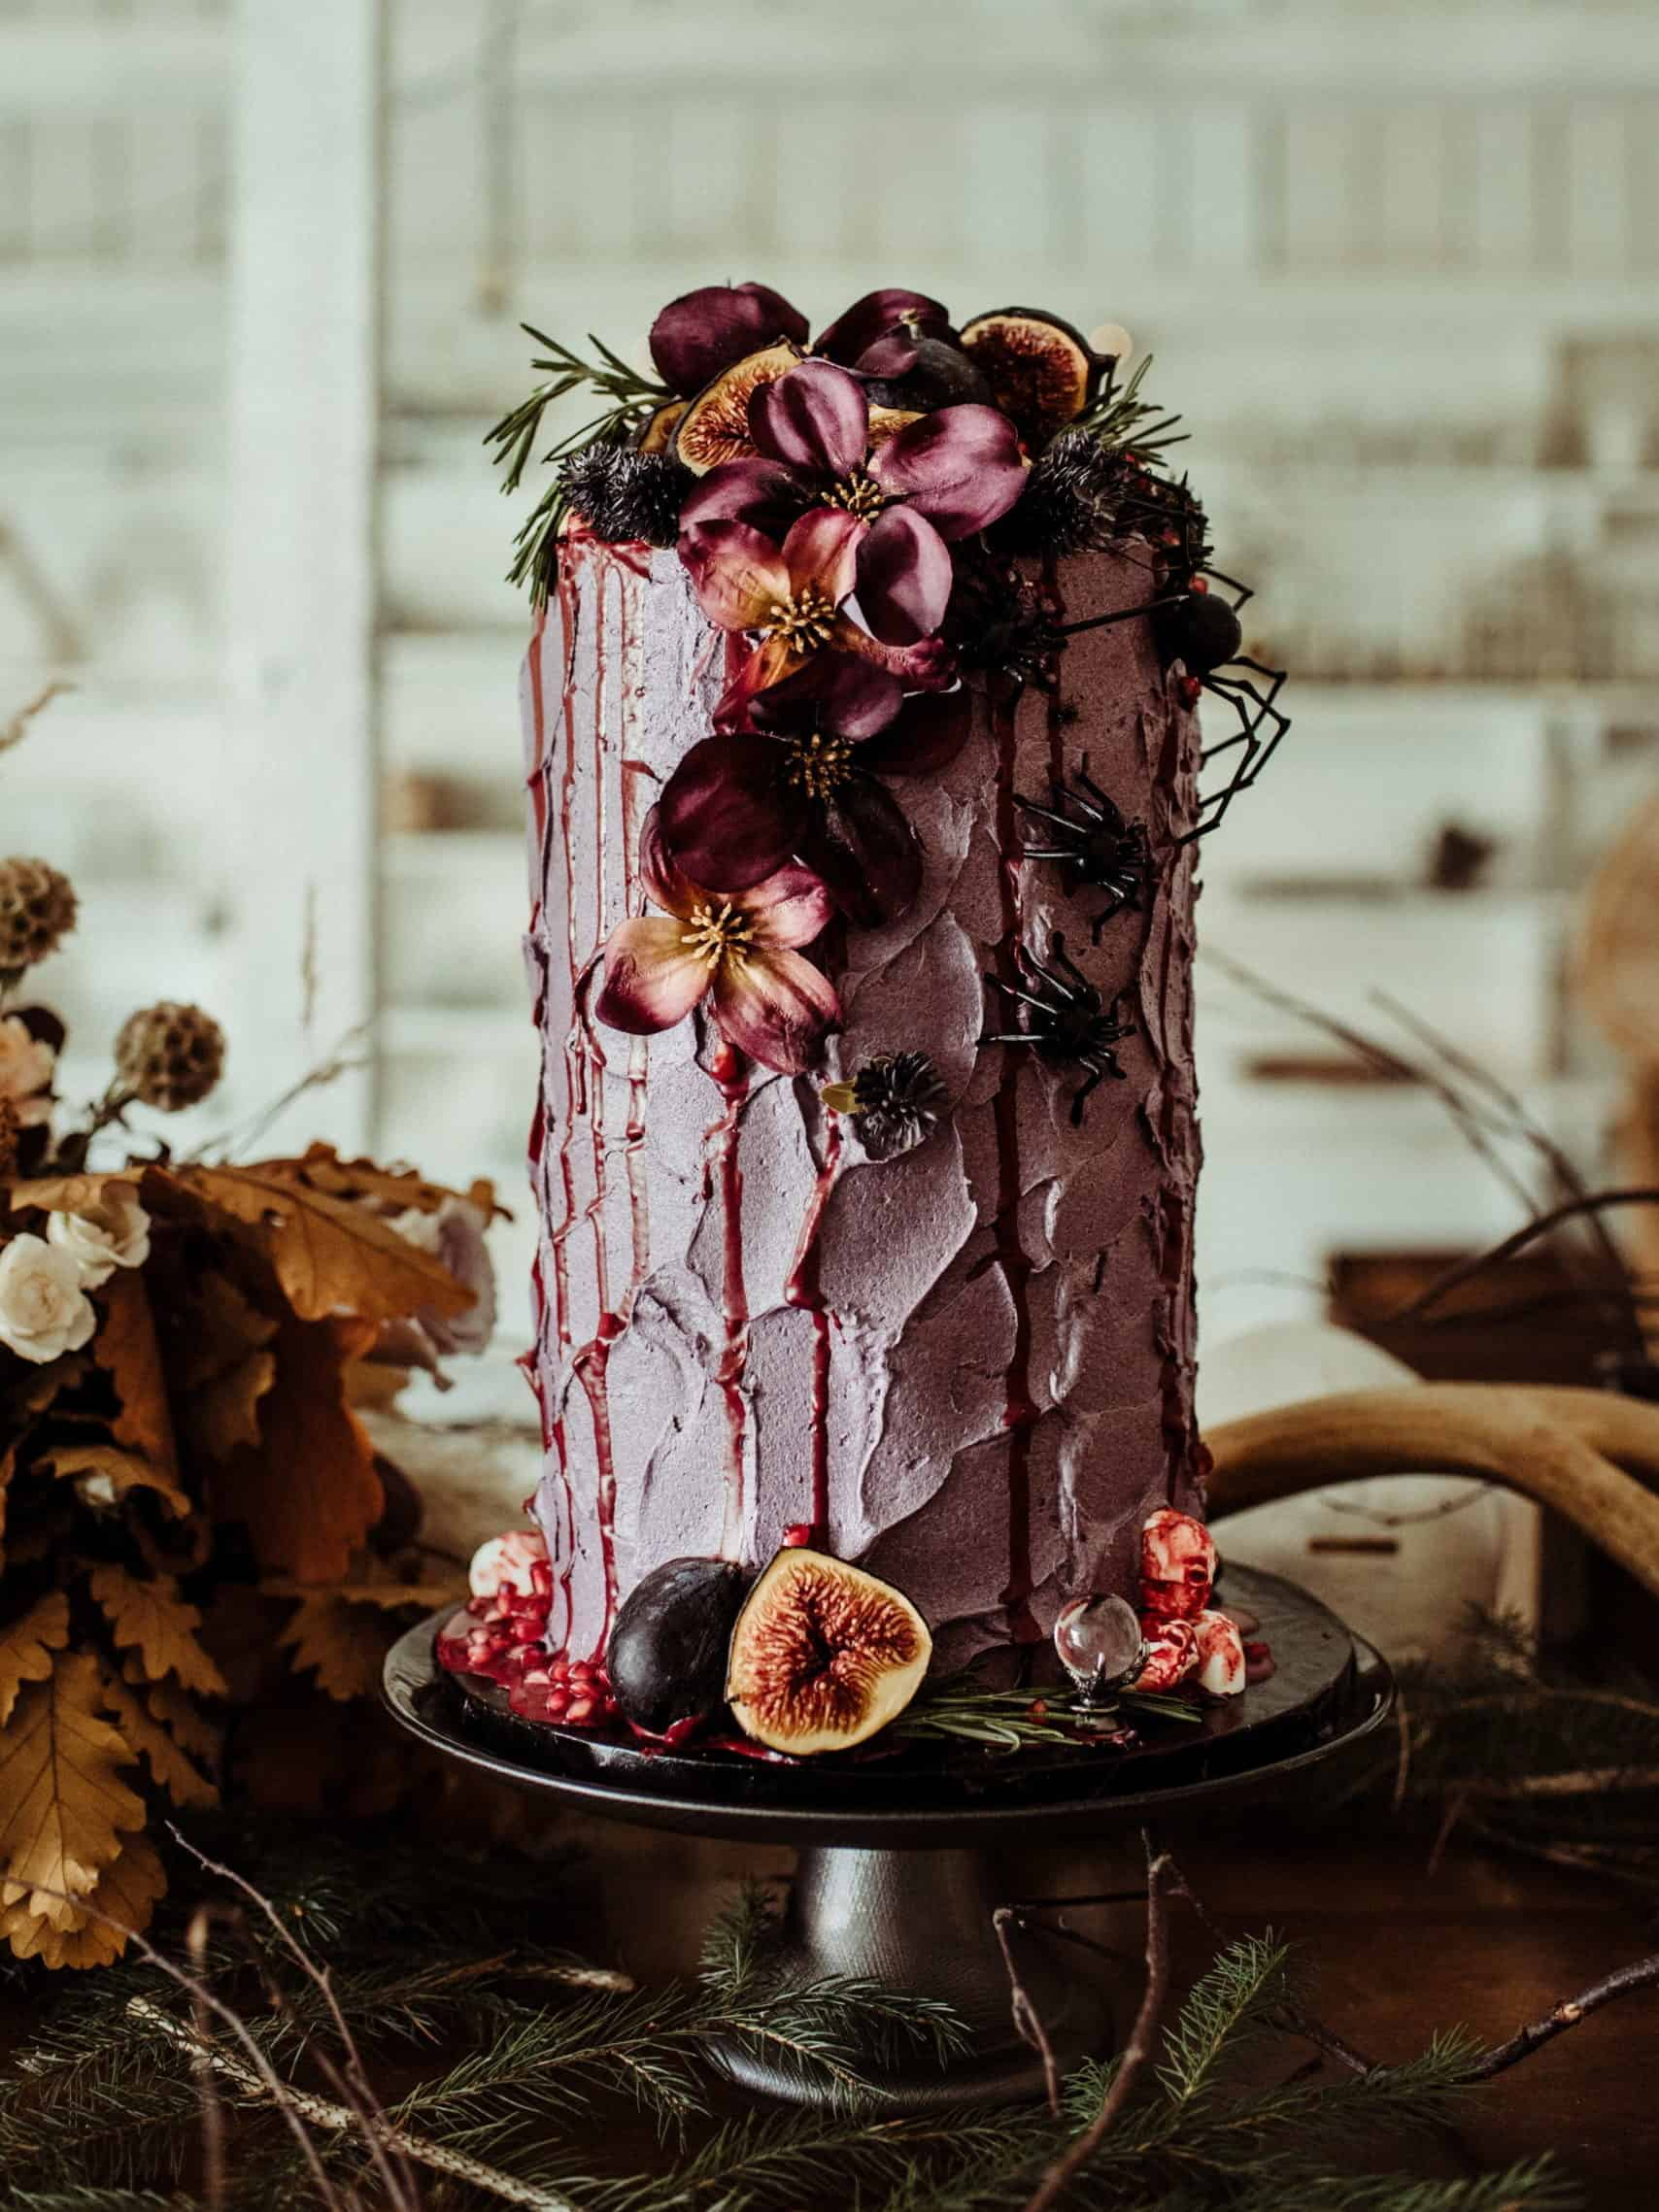 γαμήλια τούρτα με σύκα ρόδια και λουλουδία σε αποχρώσεις του μόβ